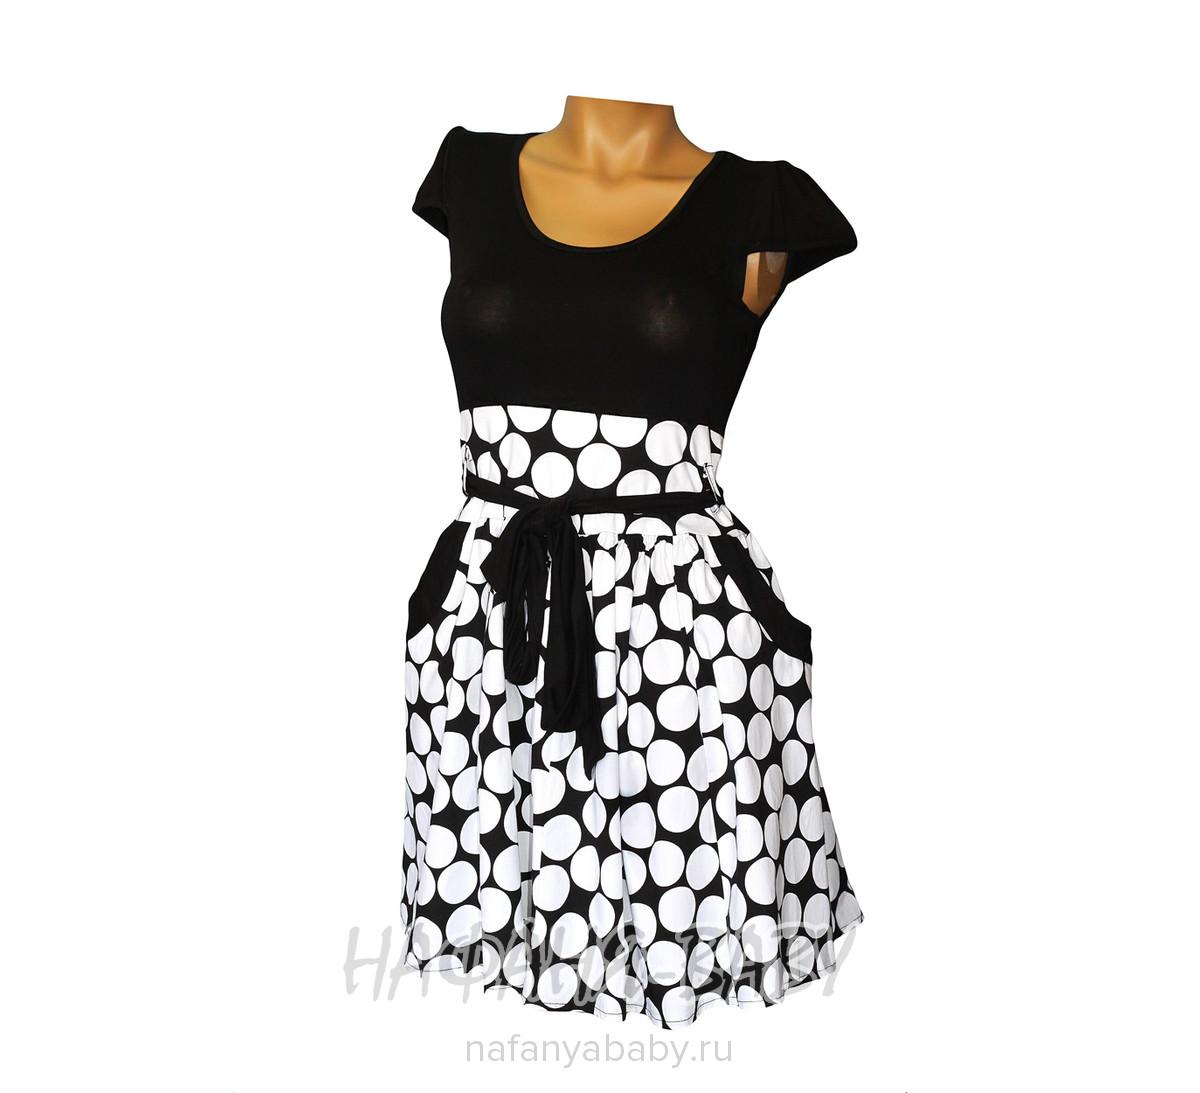 Летнее платье DORIN арт: 7129, 10-15 лет, цвет верх - черный, низ - крупный белый горох, оптом Турция